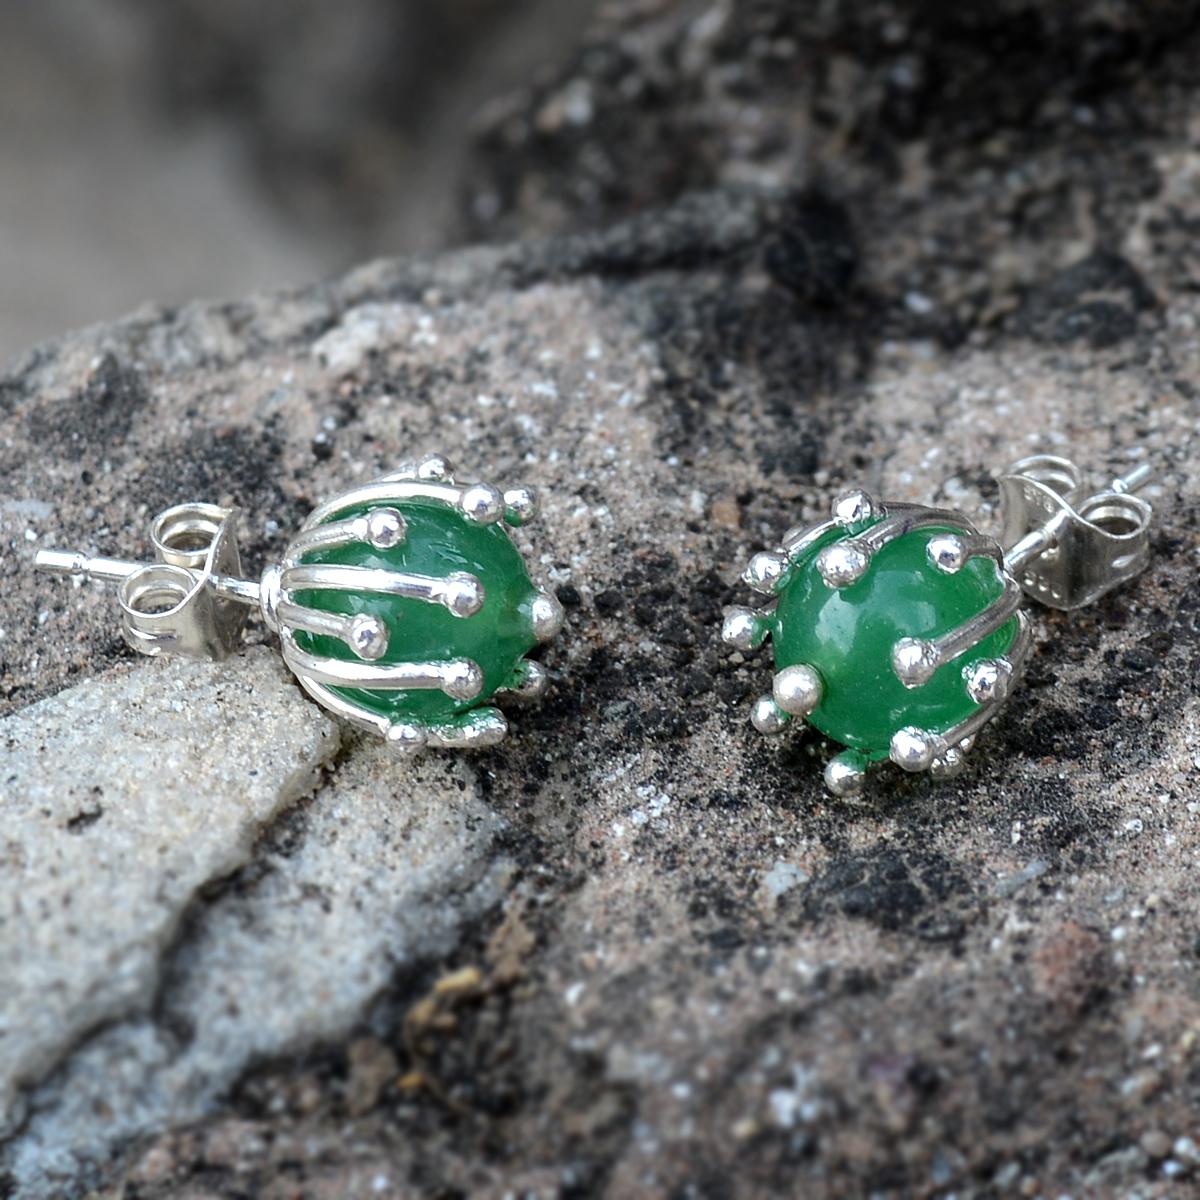 Green Onyx Silver Ear Stud Earring PG-156264